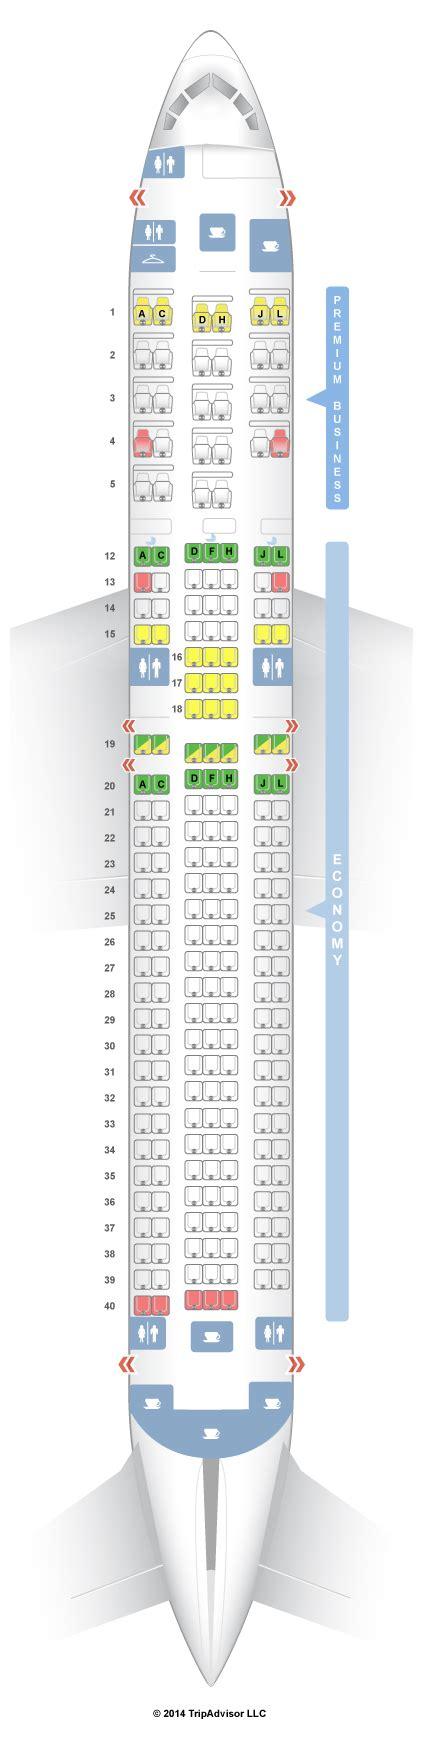 lan chile seat selection seatguru seat map latam chile boeing 767 300er 763 v1